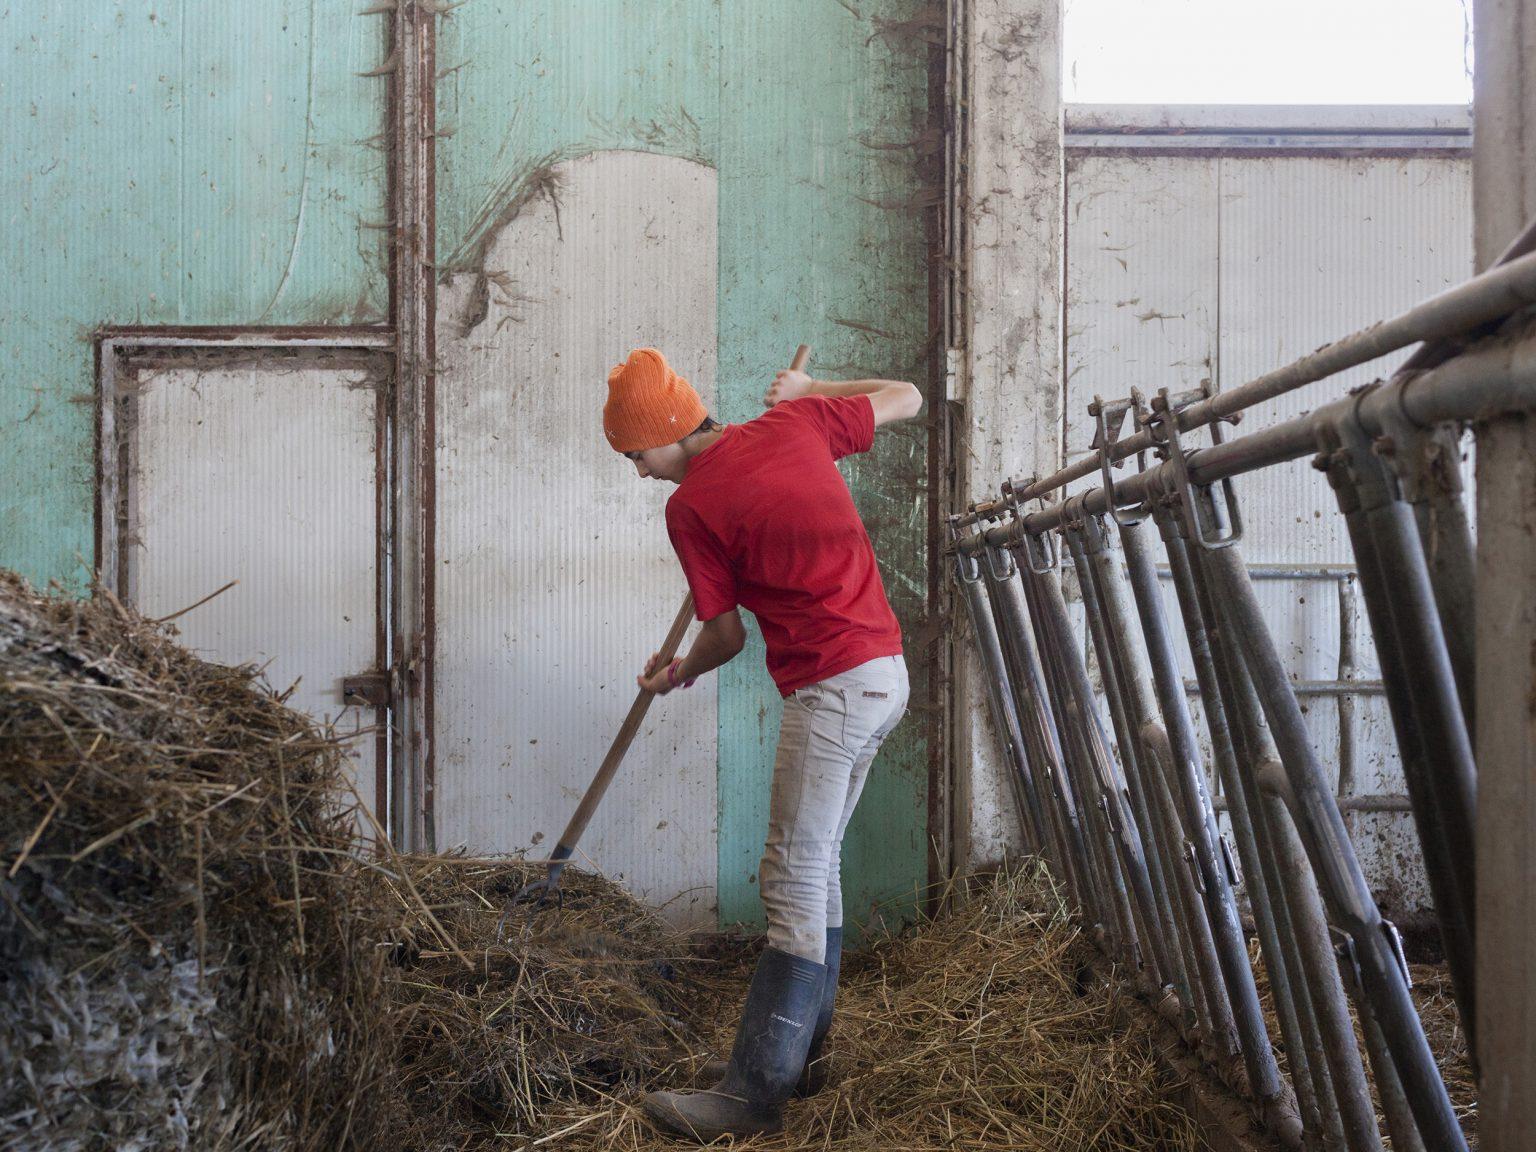 Accumoli, febbraio 2021 Elisa Pica nella stalla dell'azienda agricola di famiglia Alta Montagna Bio. Prima delle lezioni, al mattino, Elisa si occupa della stalla dei bovini.